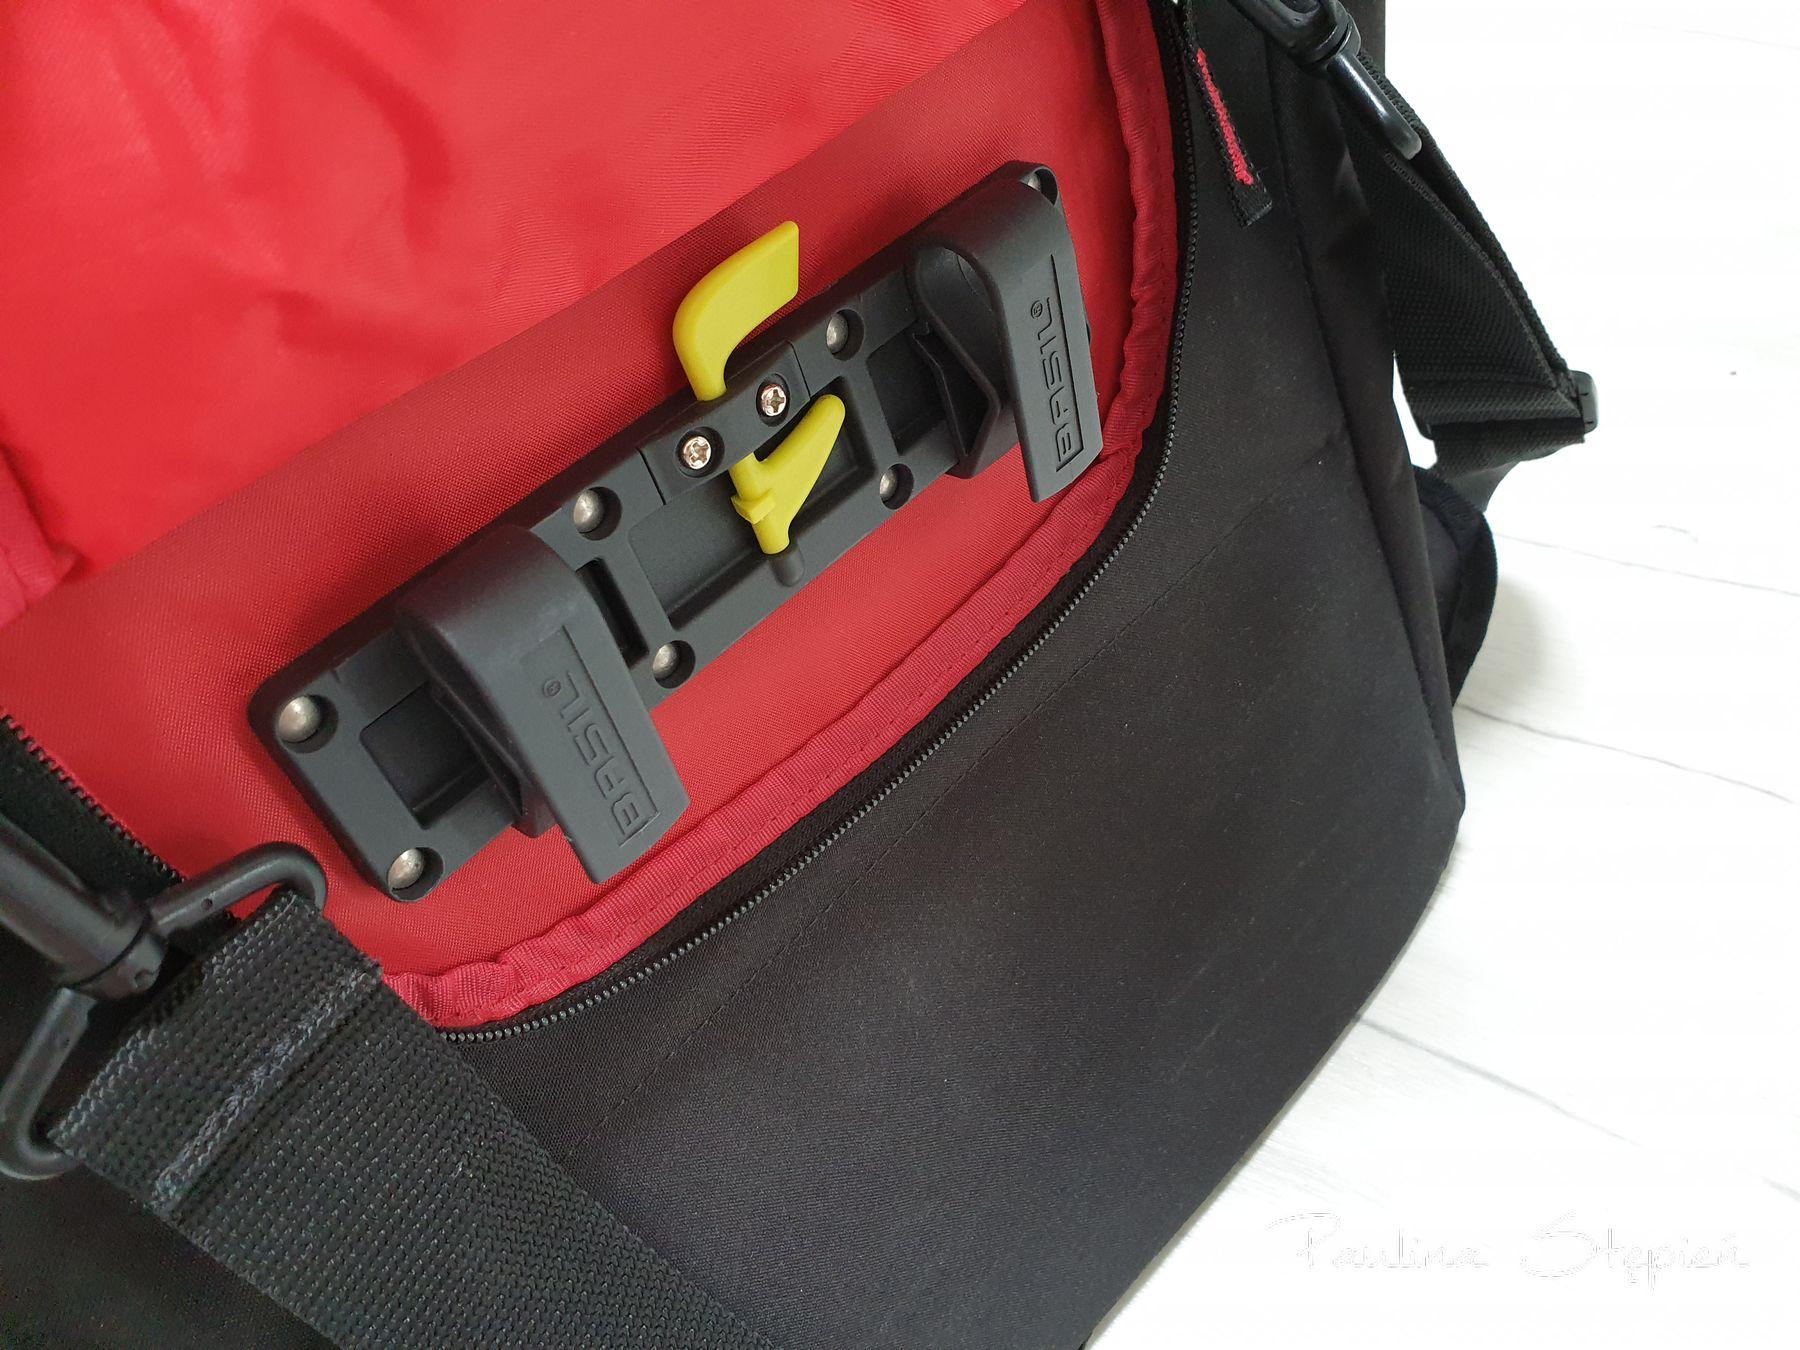 Mocowanie w sakwie Basili Commuter (zapinane jeśli nosisz ją jako torbę)